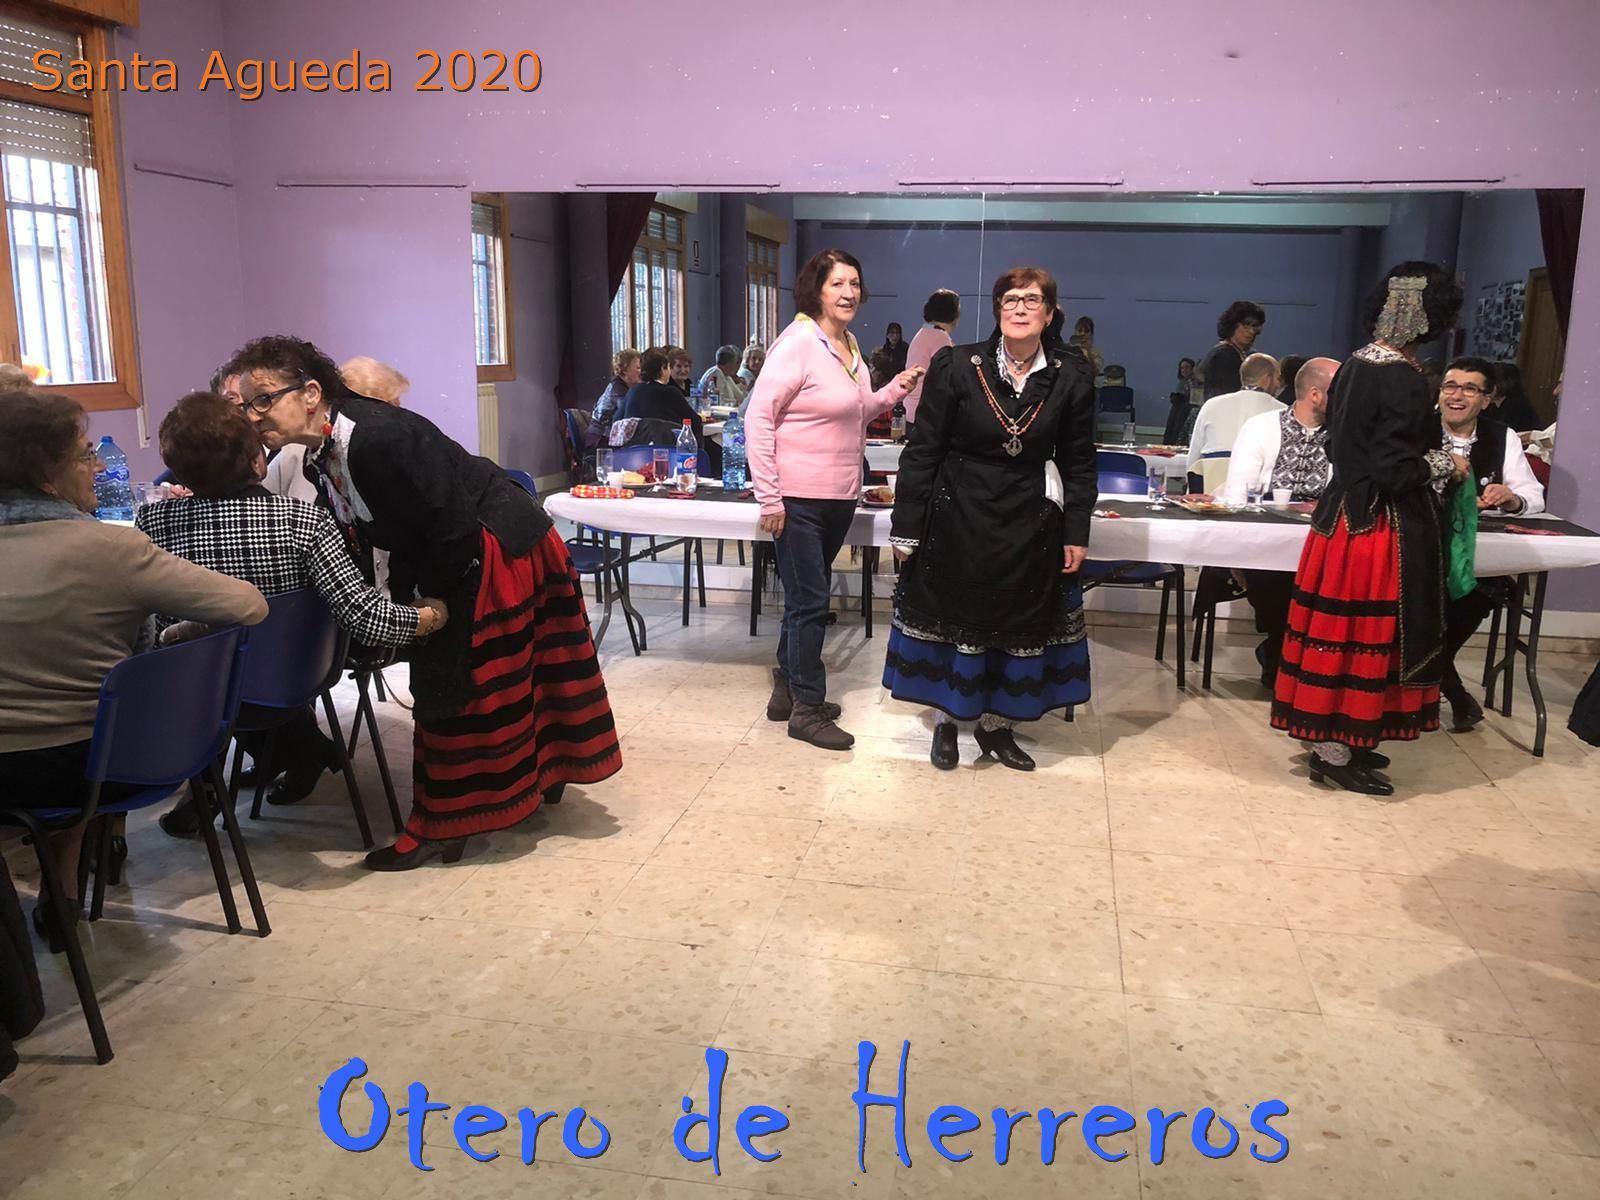 PHOTO-2020-03-04-11-09-17